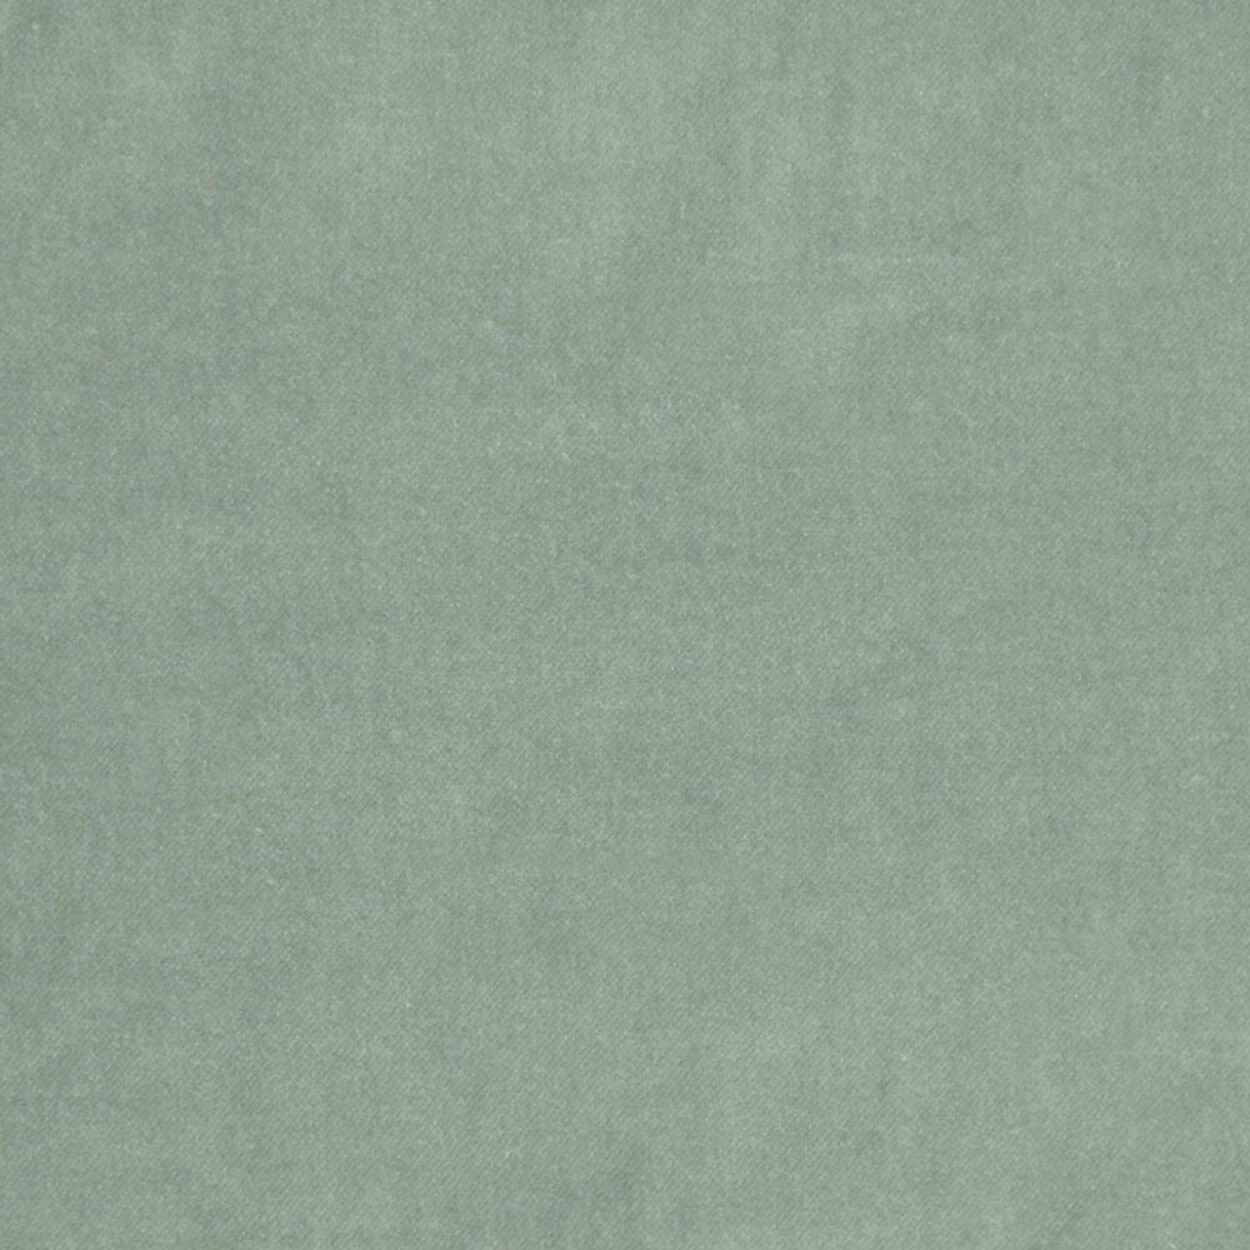 Vellut Velvet-Like Curtain